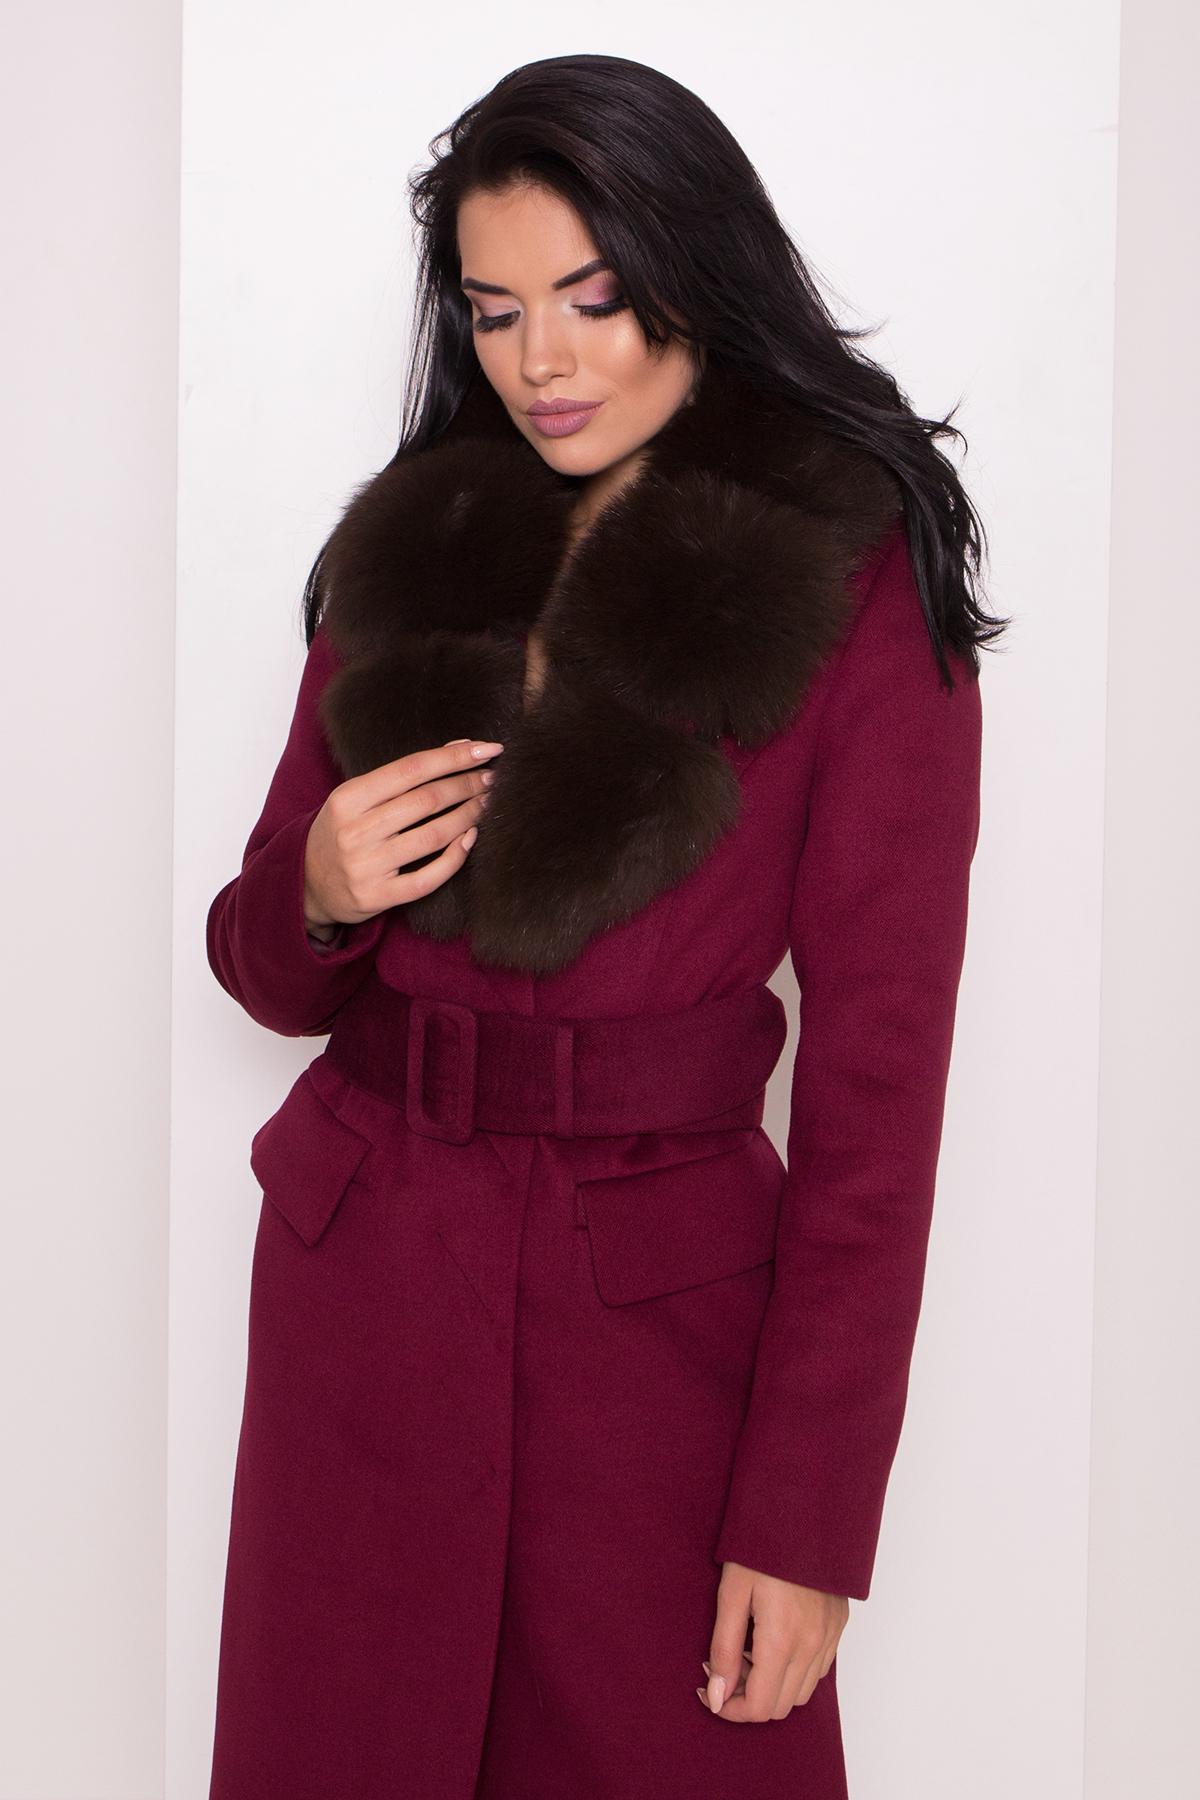 Кашемировое зимнее пальто Лабио 8154 АРТ. 44108 Цвет: Марсала 2 - фото 5, интернет магазин tm-modus.ru